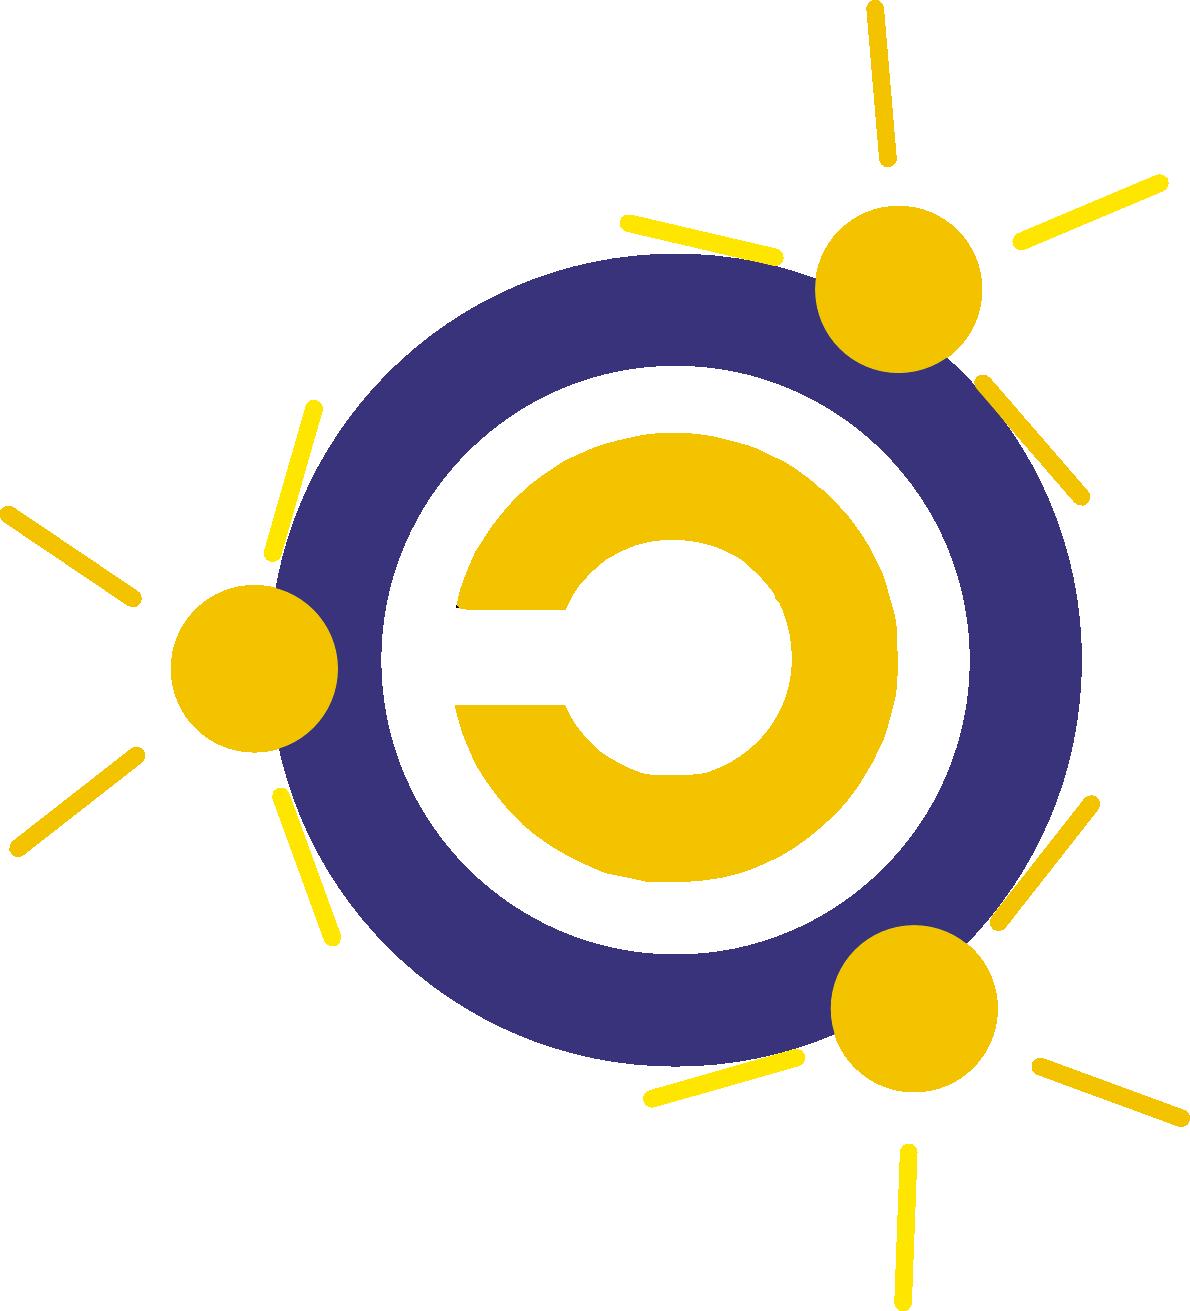 Logo d'Emmabuntüs